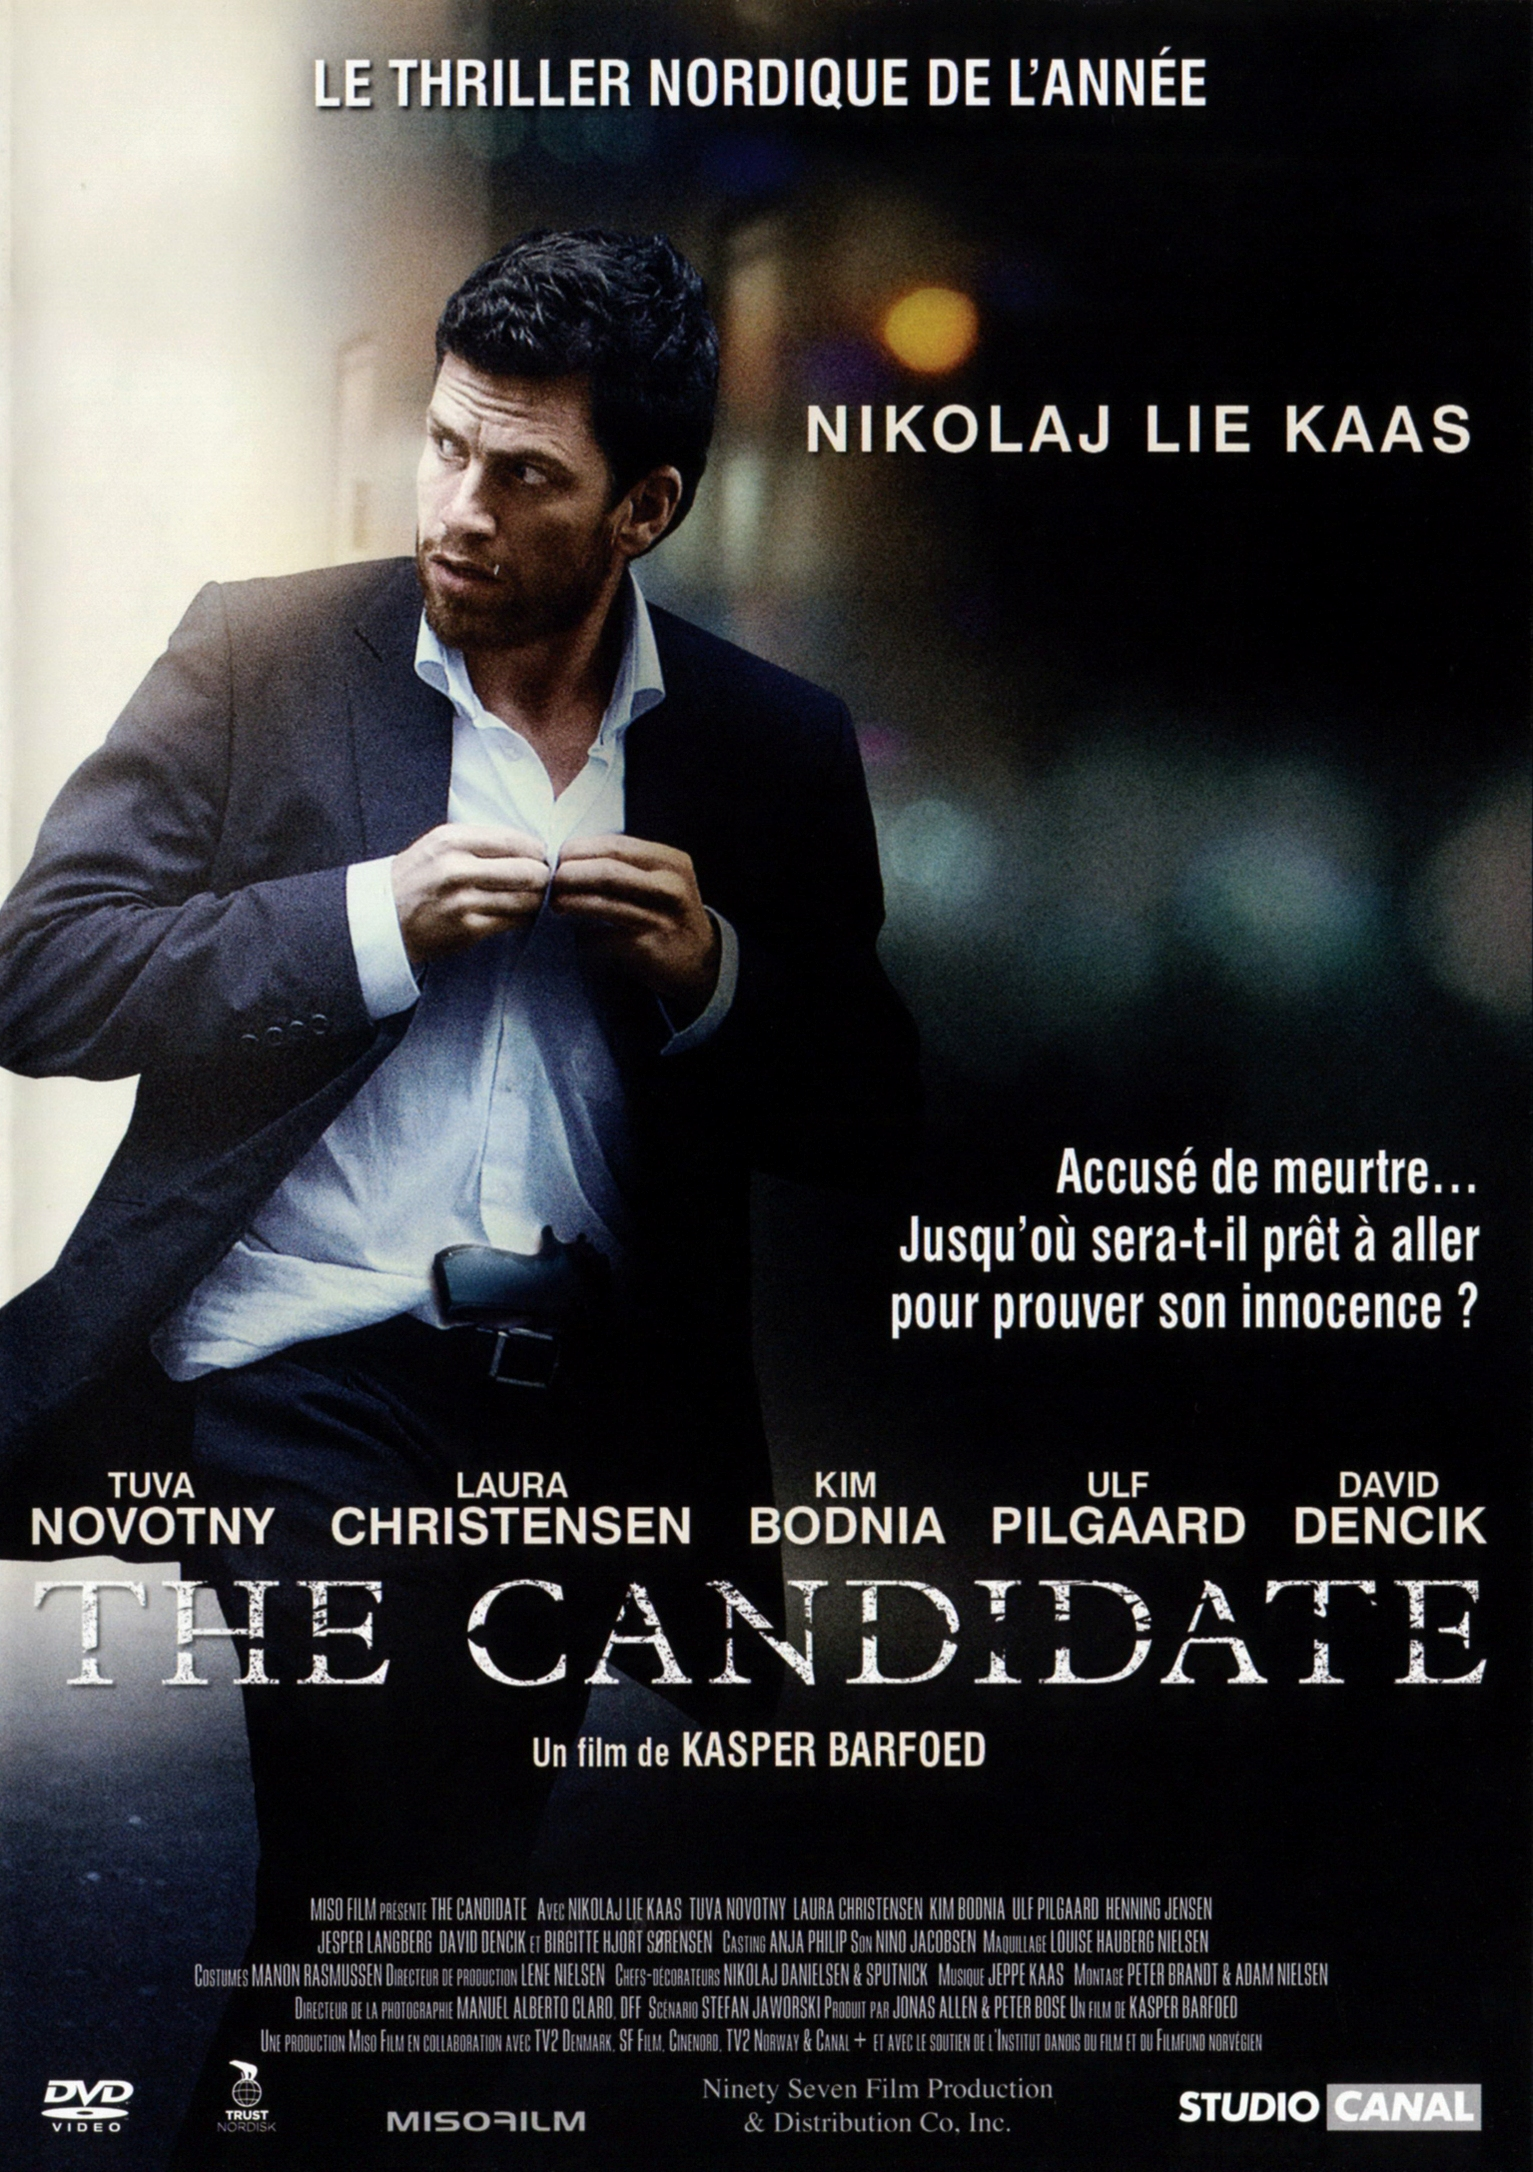 affiche du film The Candidate